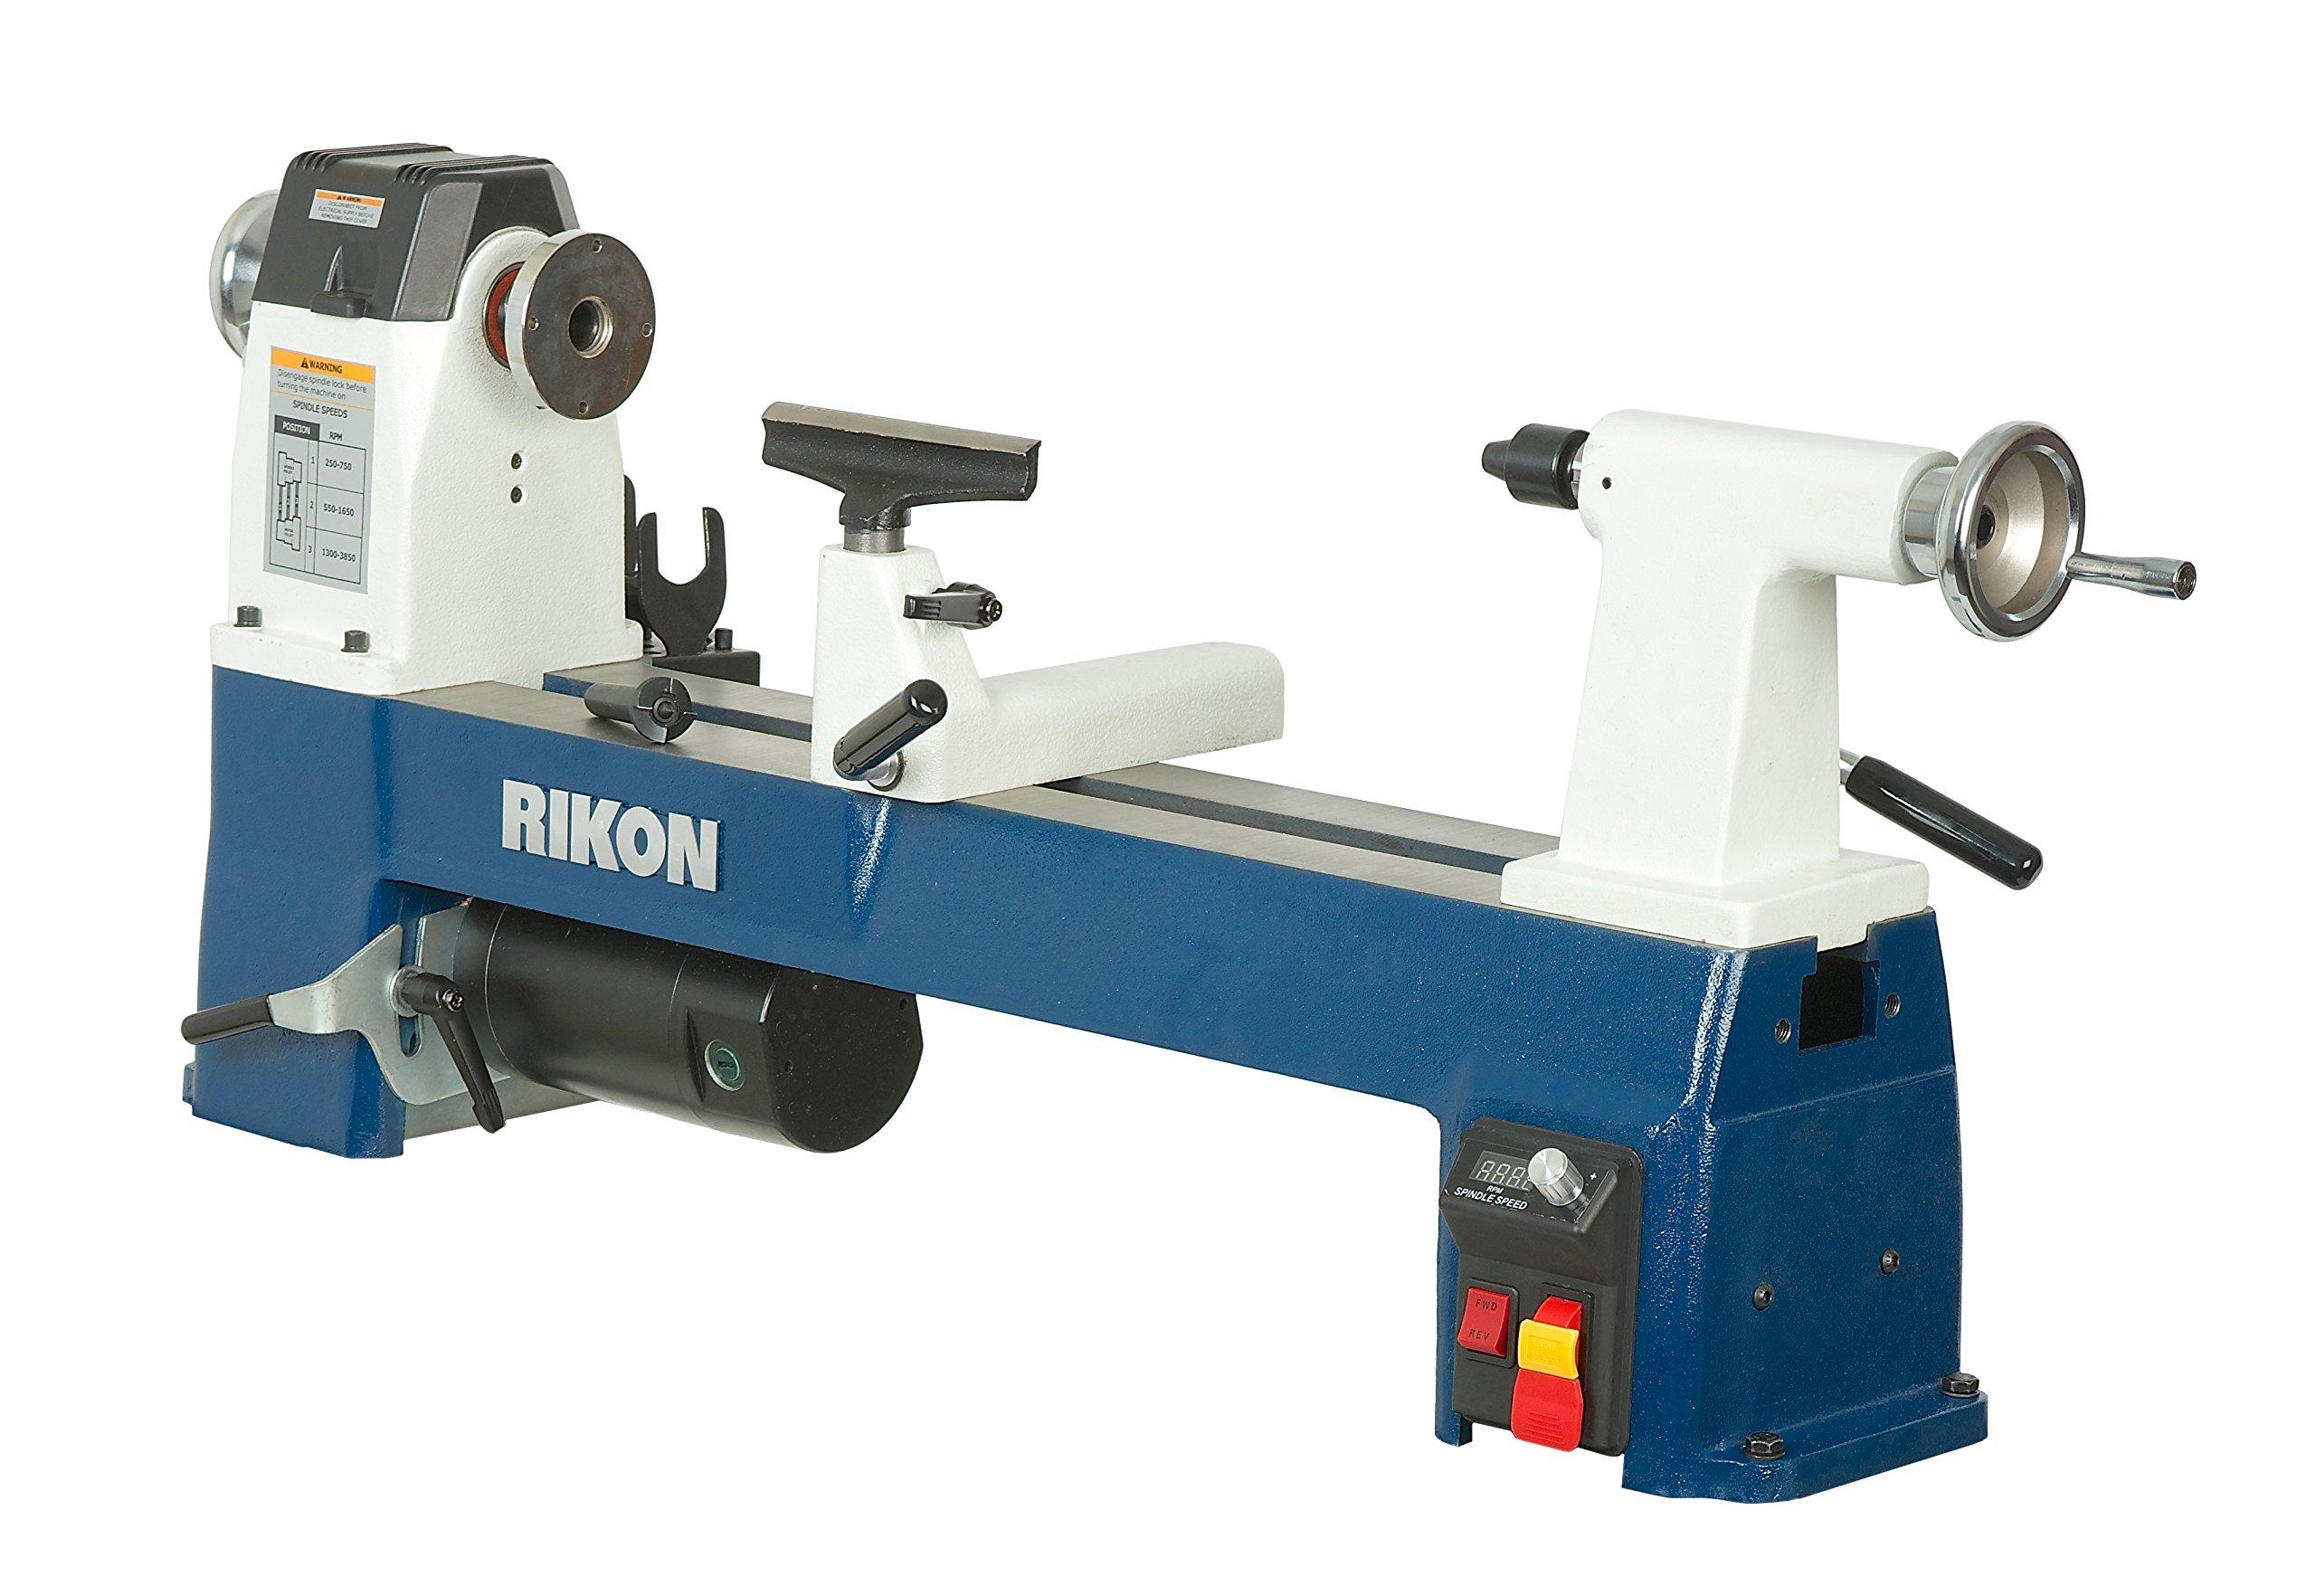 RIKON Power Tools 70-220VSR midi lathe